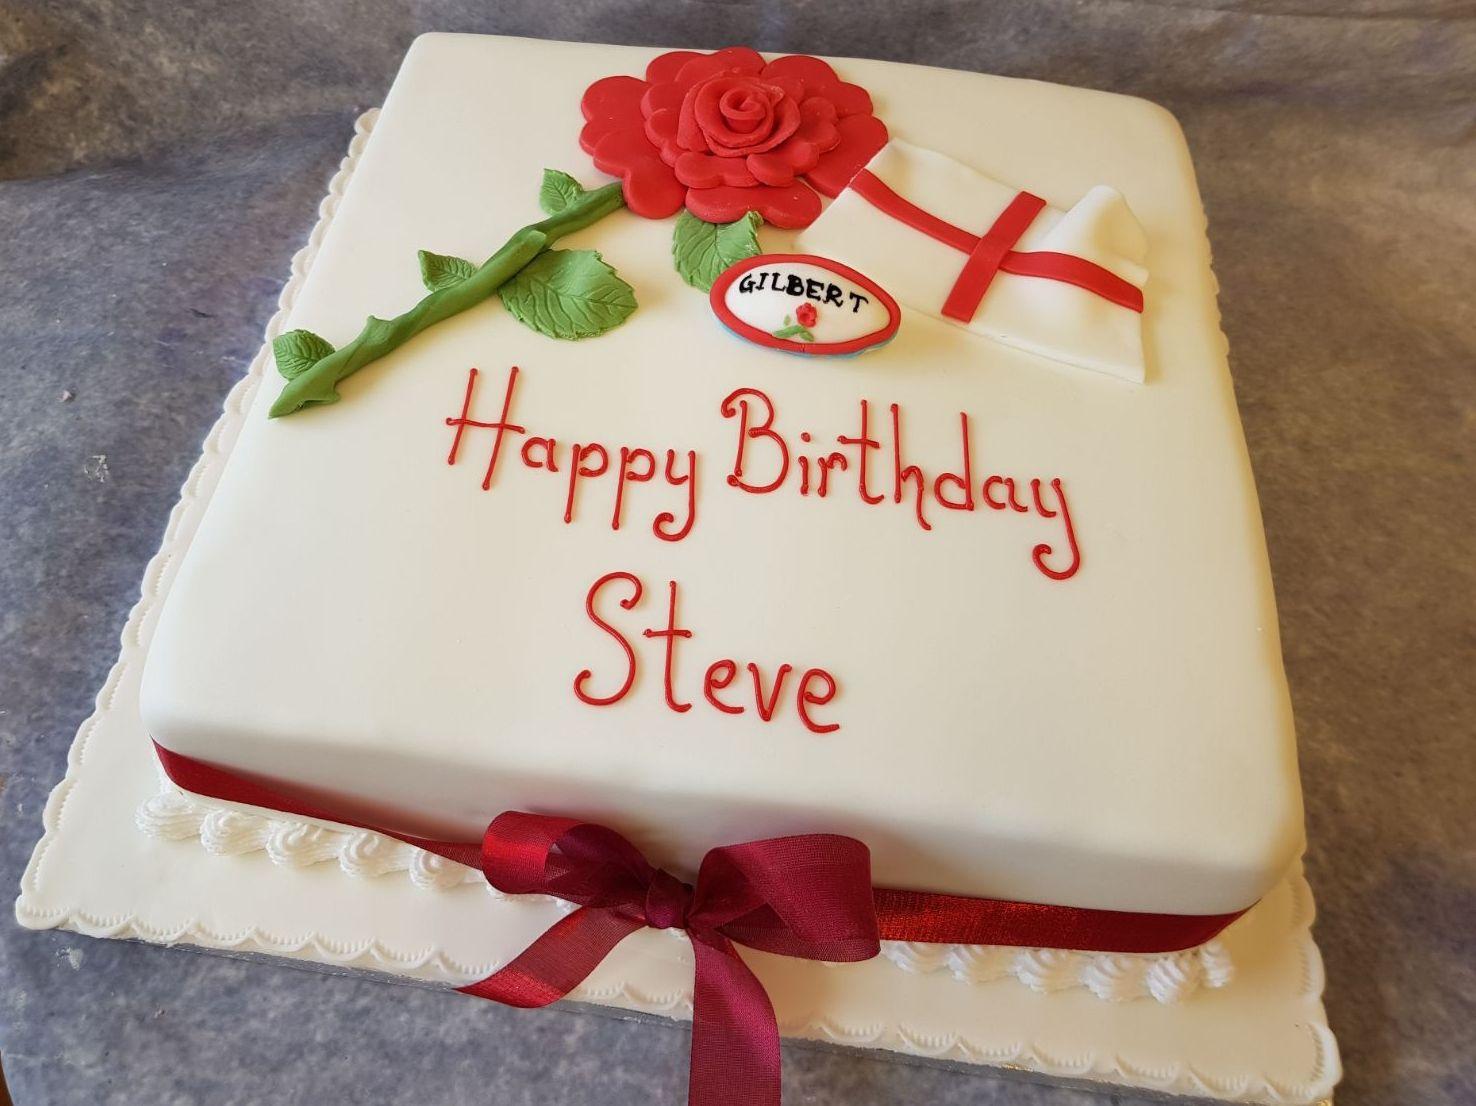 Happy Birthday Steven Happy Birthday Steve Cake Designs Birthday Cake Images